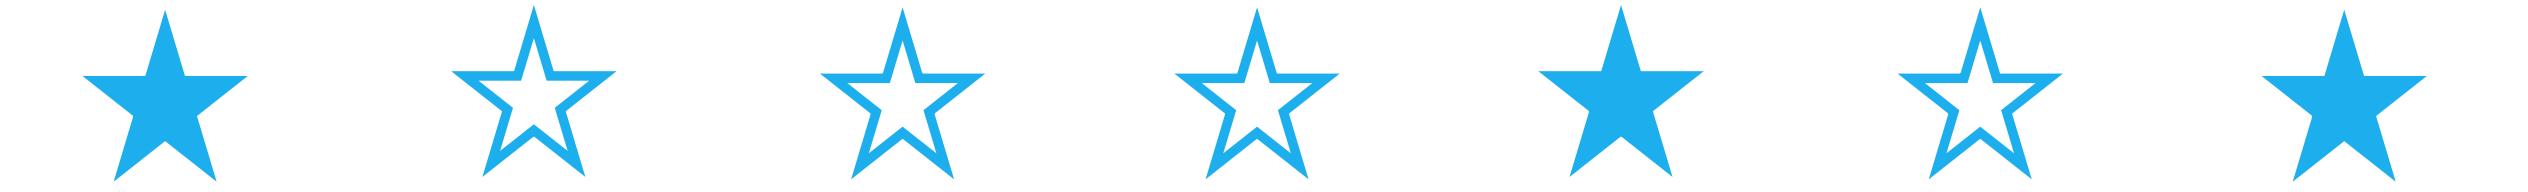 hodnocení štítek přesnosti vodoměru SMARTm C RF